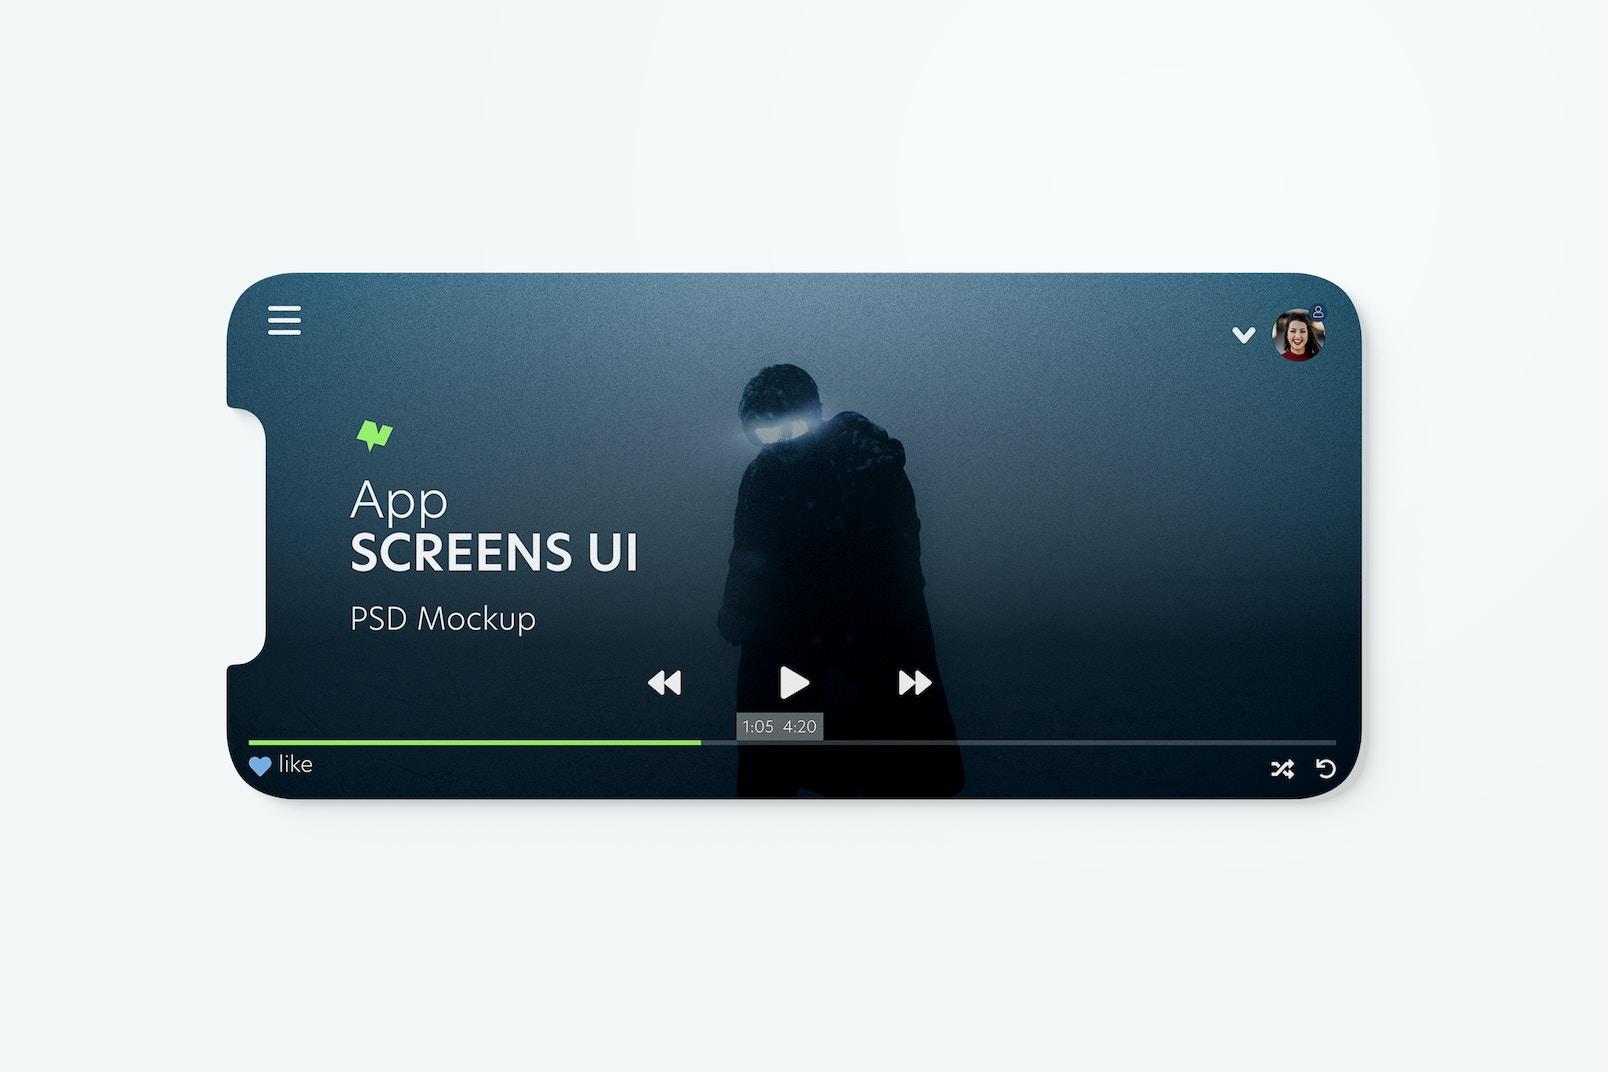 App Screens UI Mockup, Horizontal